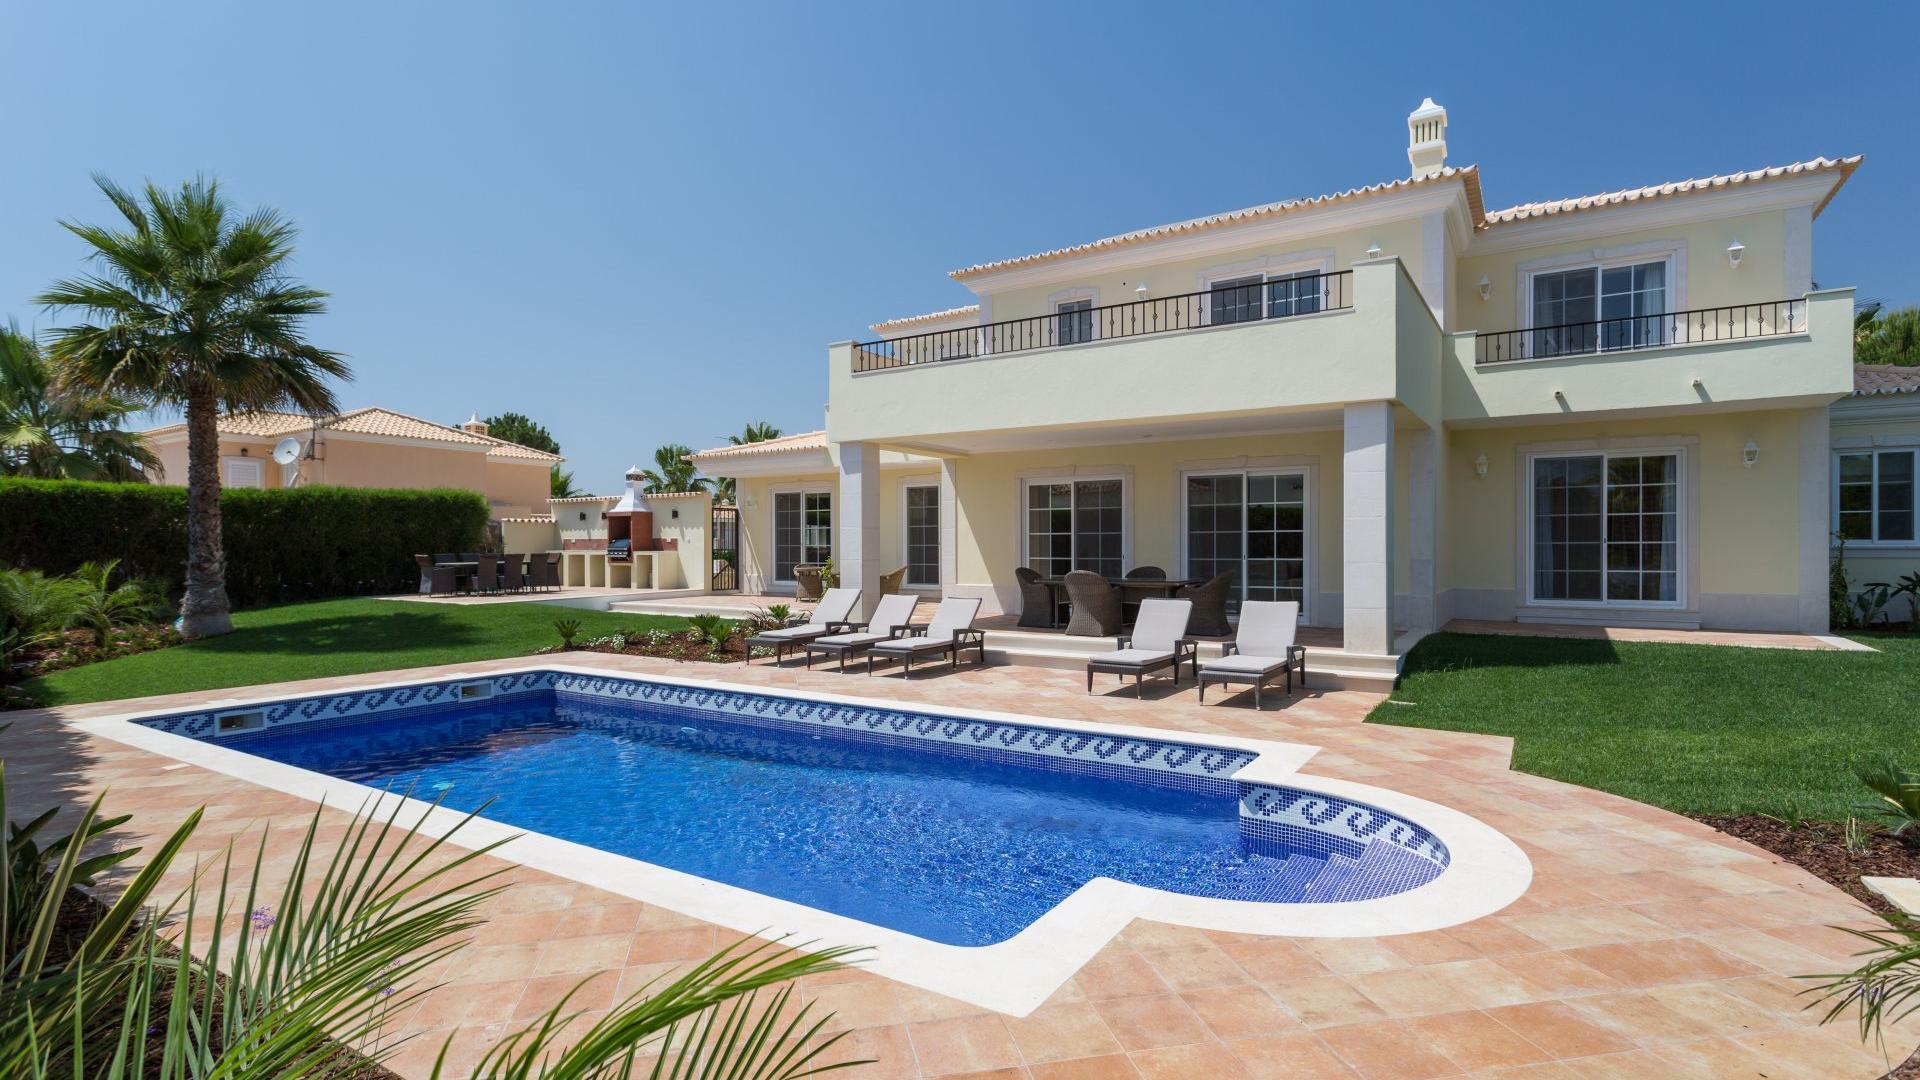 Villa Fecchi  - Varandas do Lago, Quinta do Lago, Algarve - Villa_Fecchi_Exterior_1.jpg